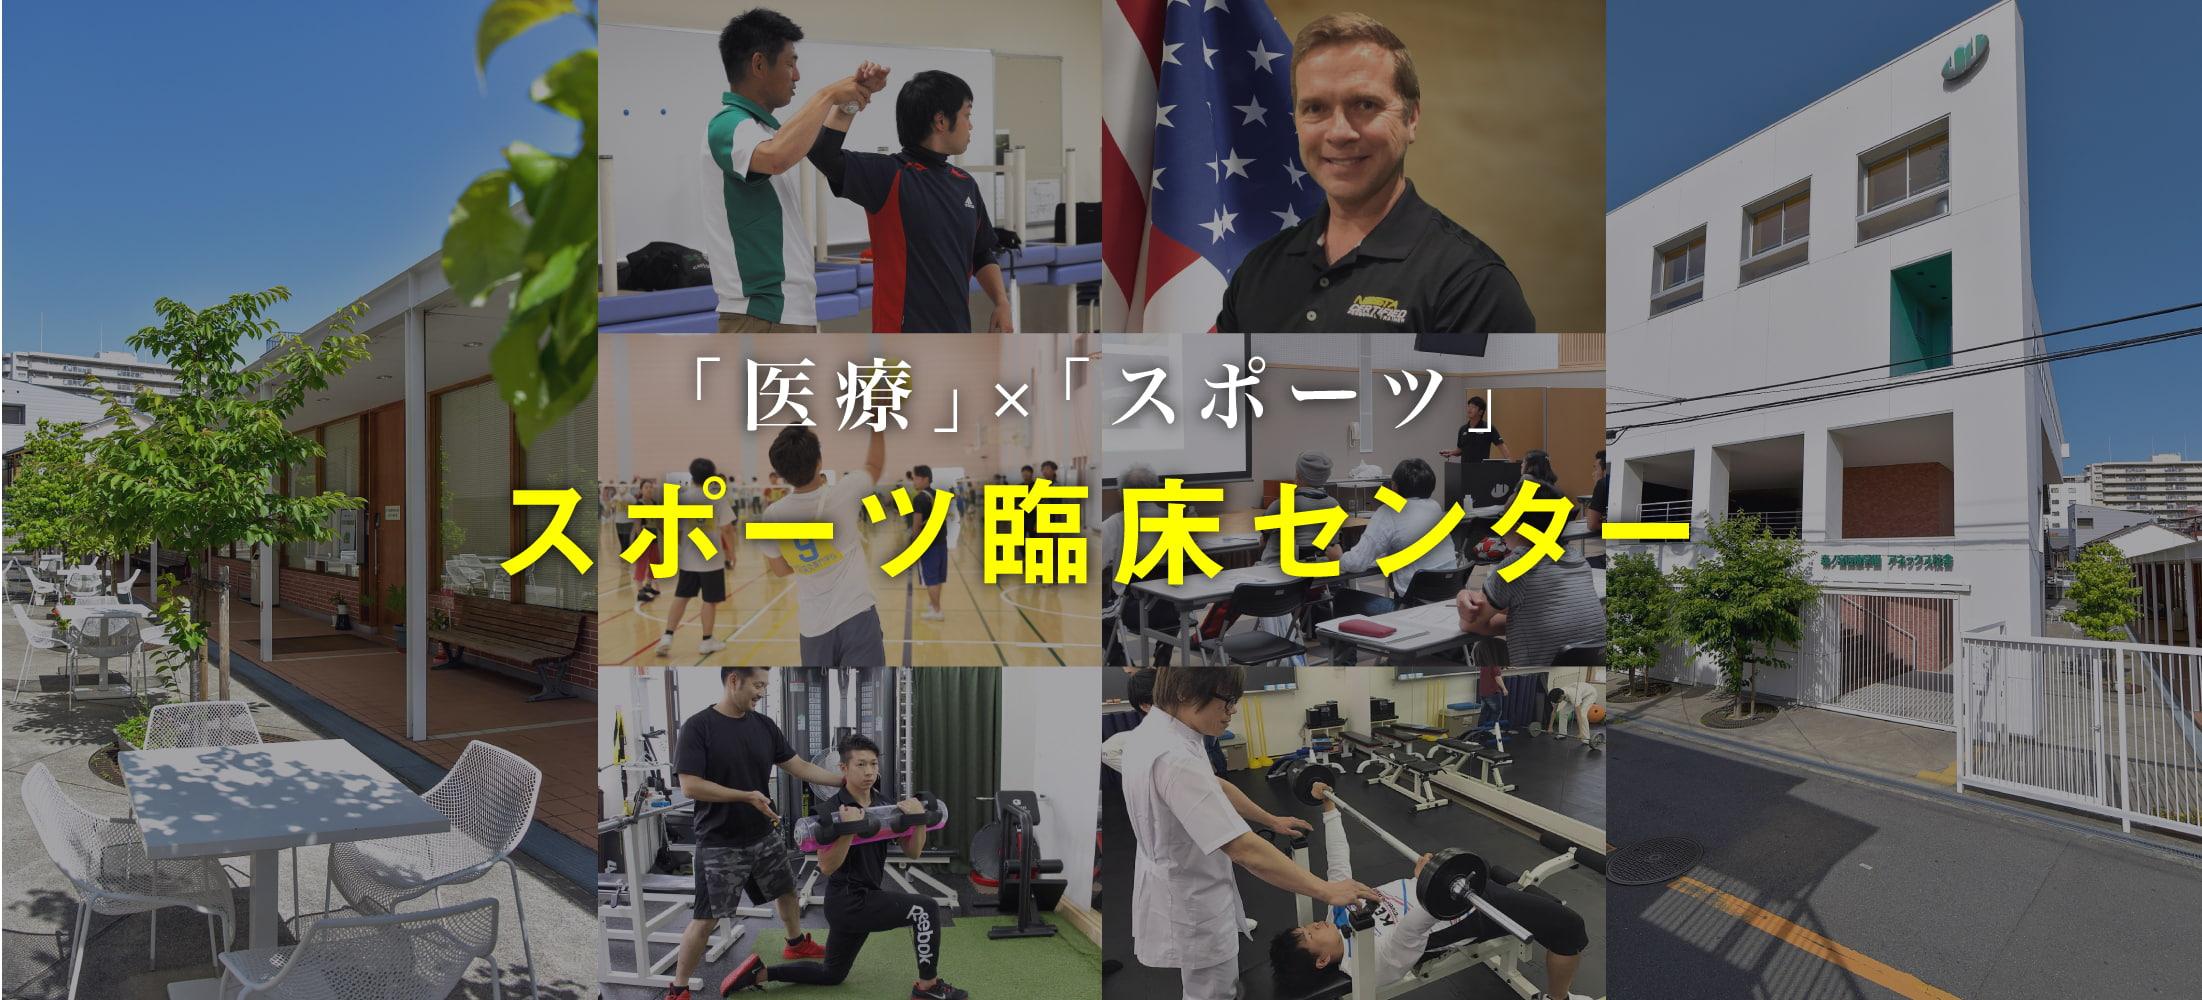 森ノ宮の「医療×スポーツ」が形になります。2021年4月始動!!